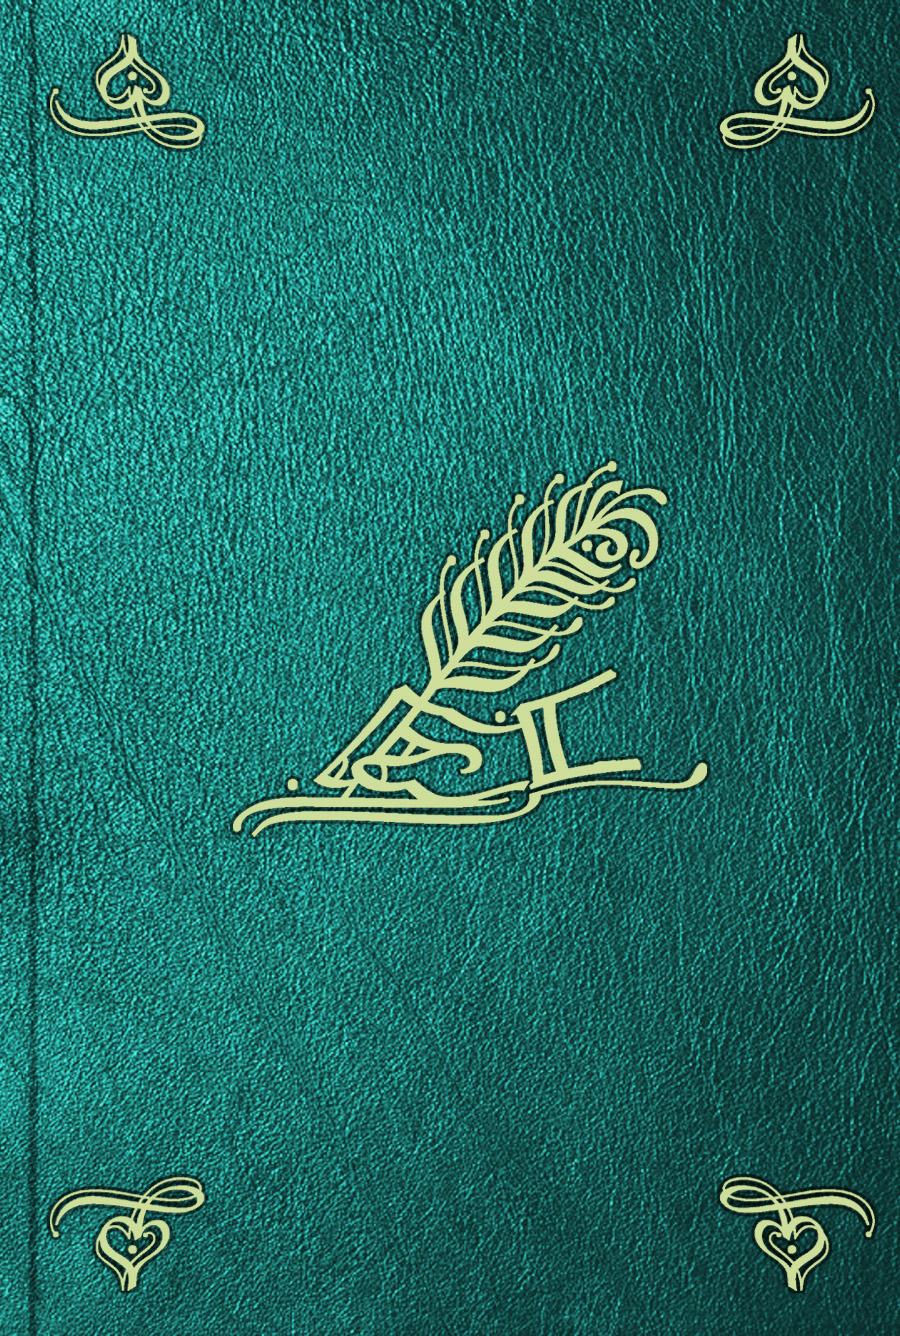 Comte de Buffon Georges Louis Leclerc Histoire naturelle. T. 3. Matieres generales paul pellisson histoire de louis xiv t 3